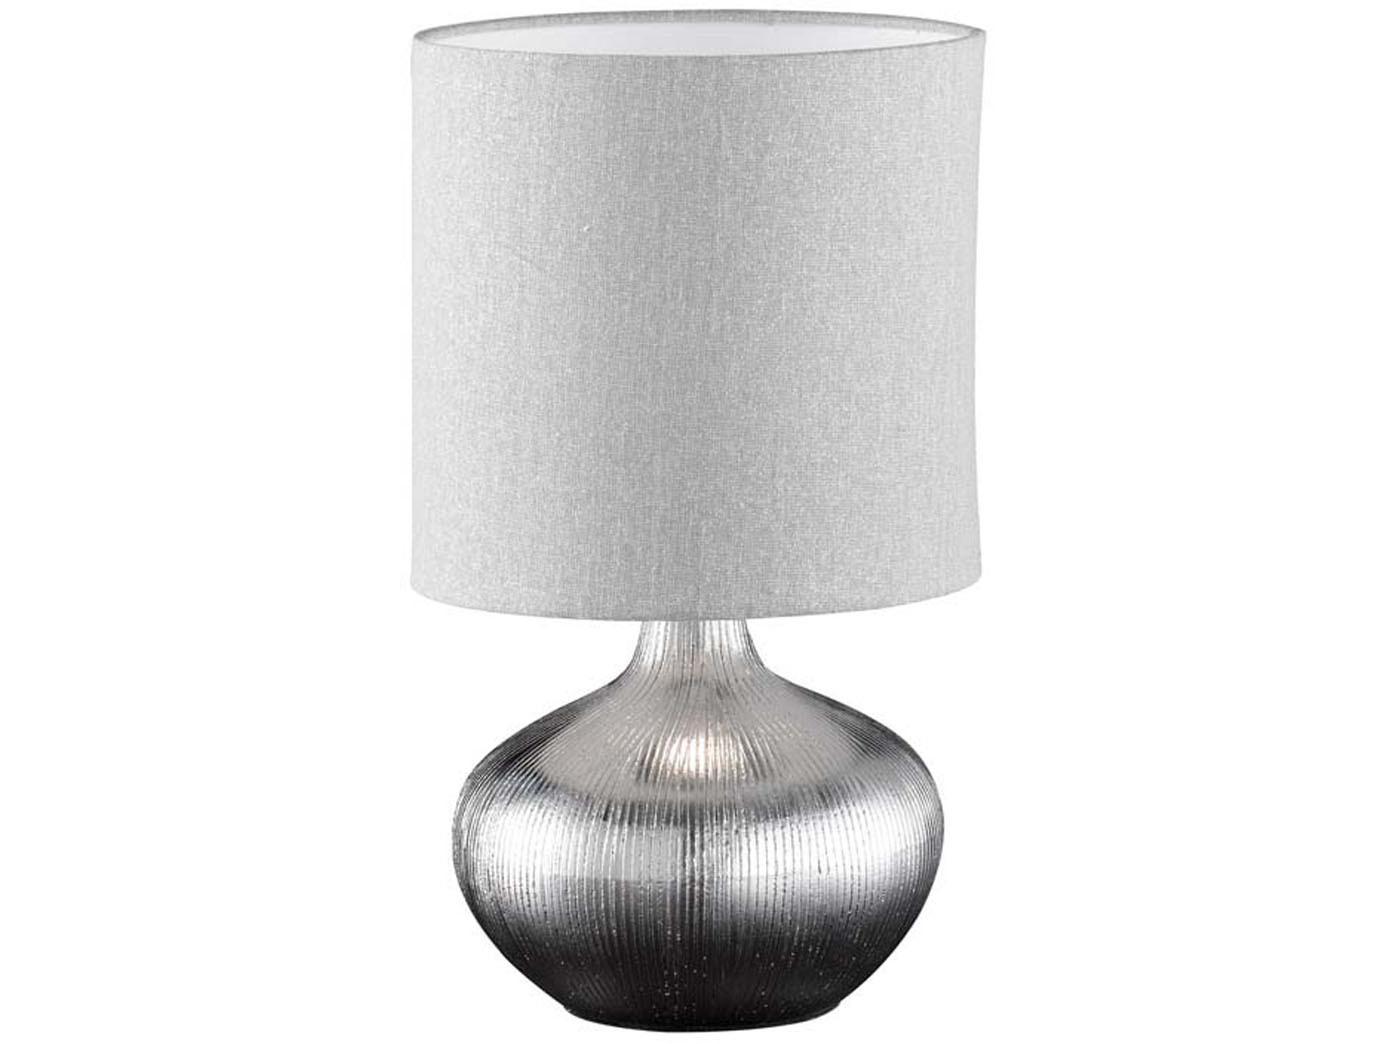 Faszinierend Keramik Tischleuchte Referenz Von Das Bild Wird Geladen Honsel-keramik-tischleuchte -ely-lampenschirm-stoff-grau-tischlampe-